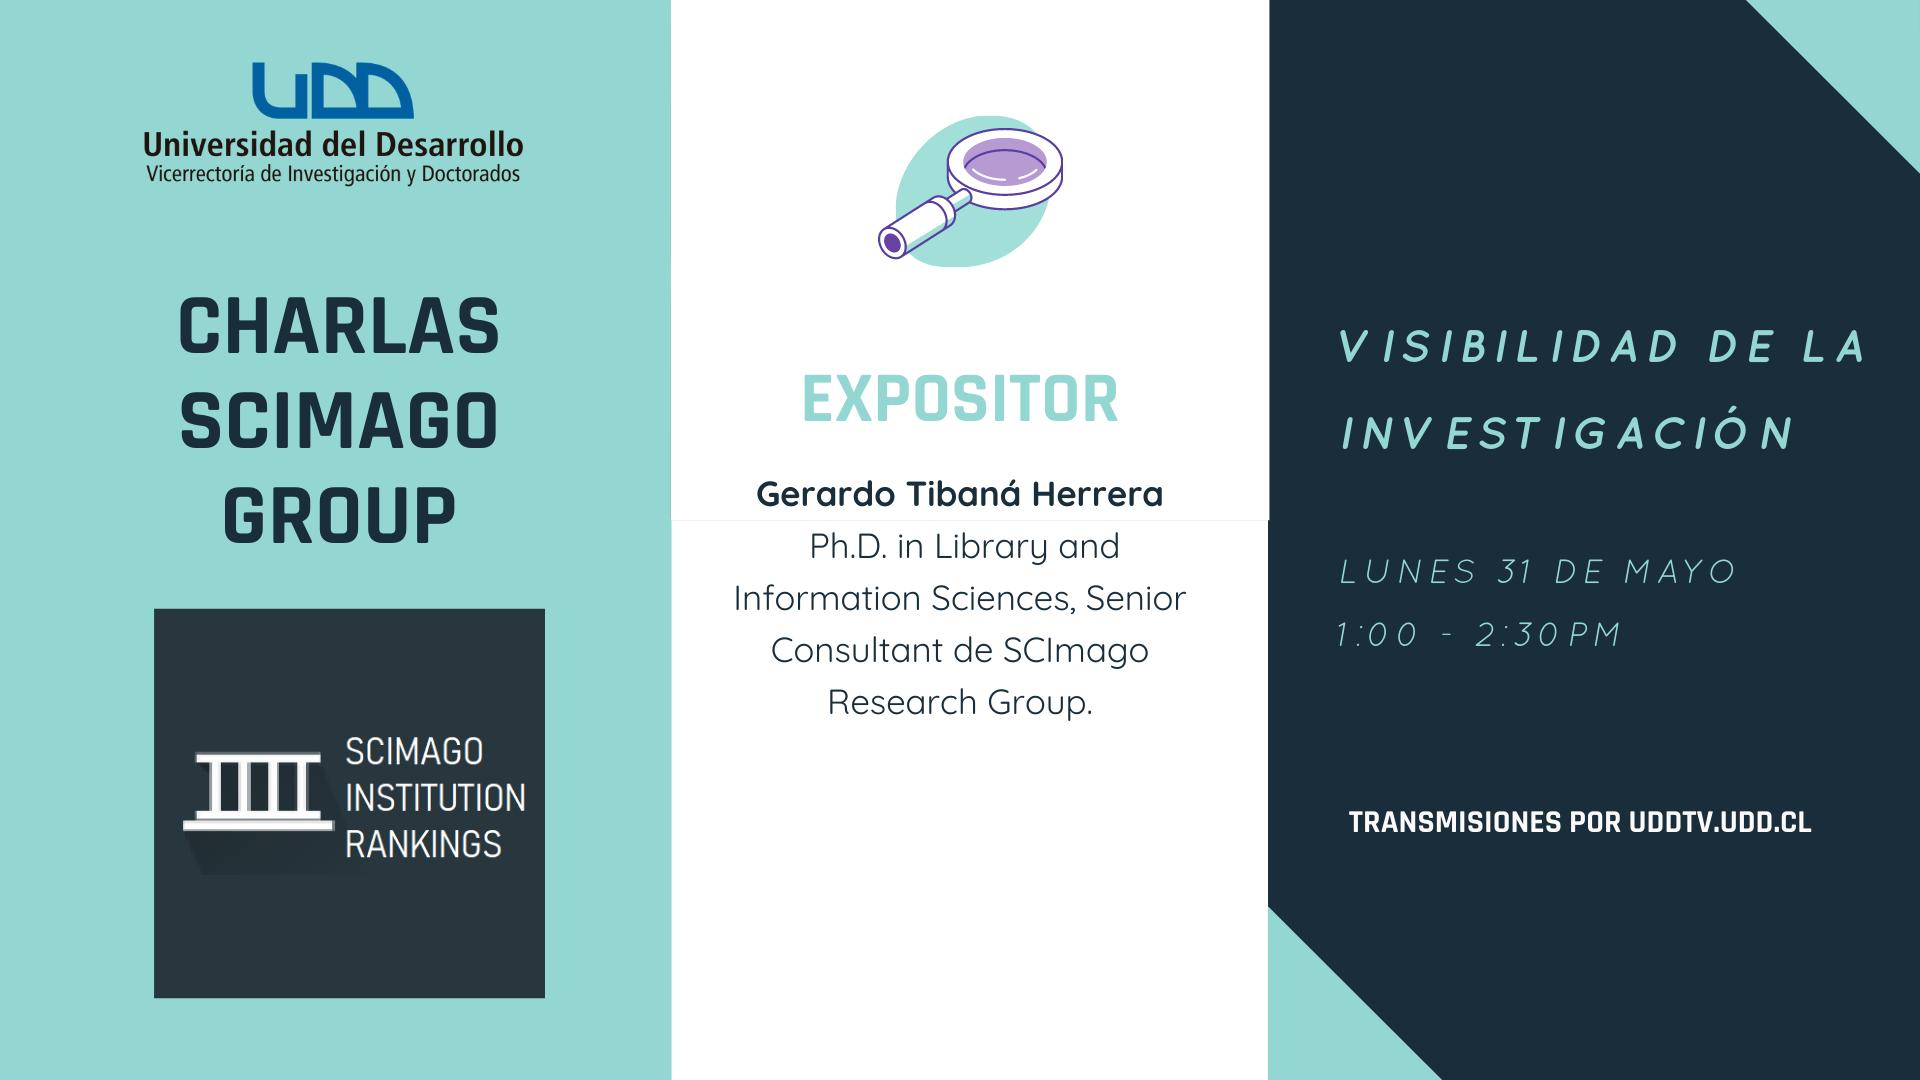 Charlas Scimago Group | Visibilidad de la Investigación - UDDTV